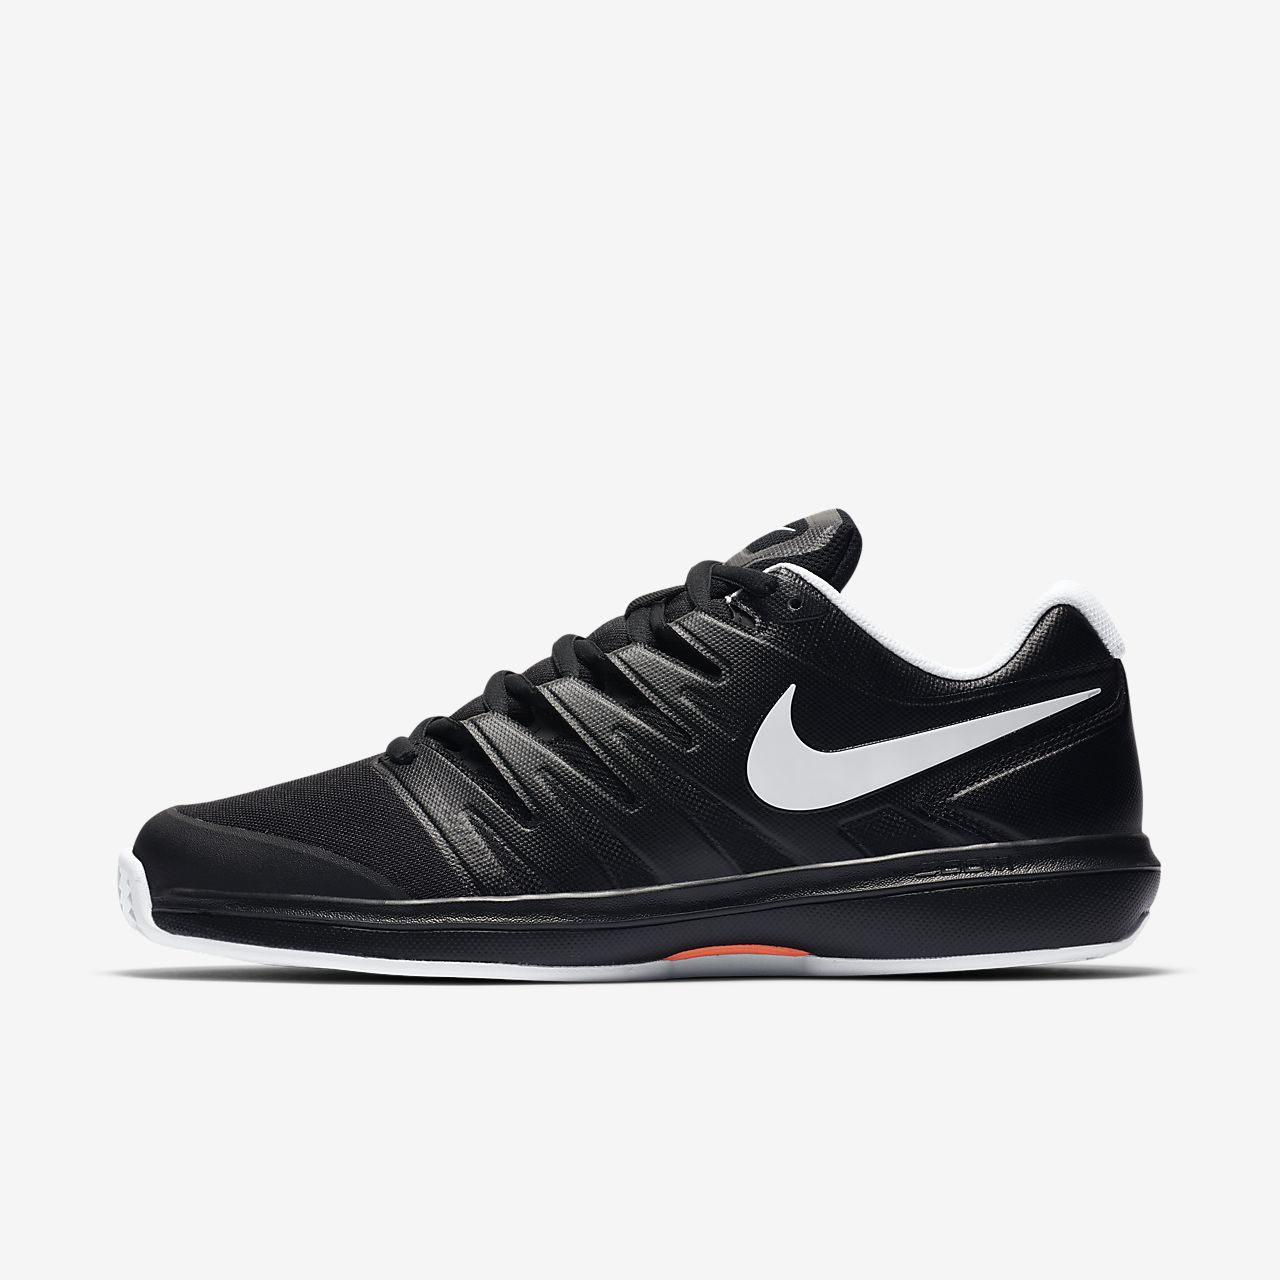 71cd21b6660e1 Calzado de tenis para hombre Nike Air Zoom Prestige Clay. Nike.com MX